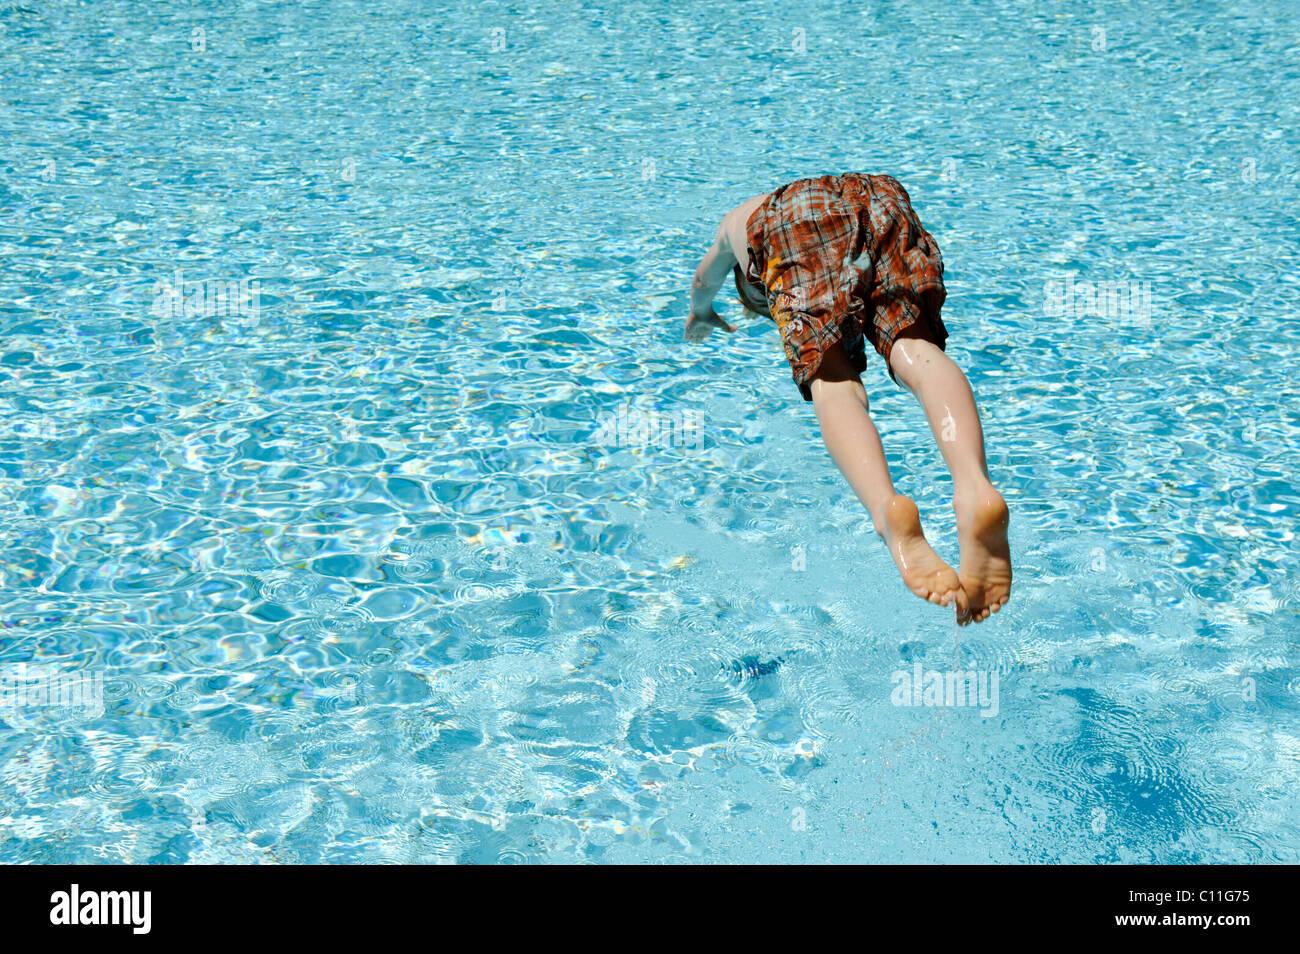 Sauter dans l'eau, piscine, chaleur de l'été Photo Stock